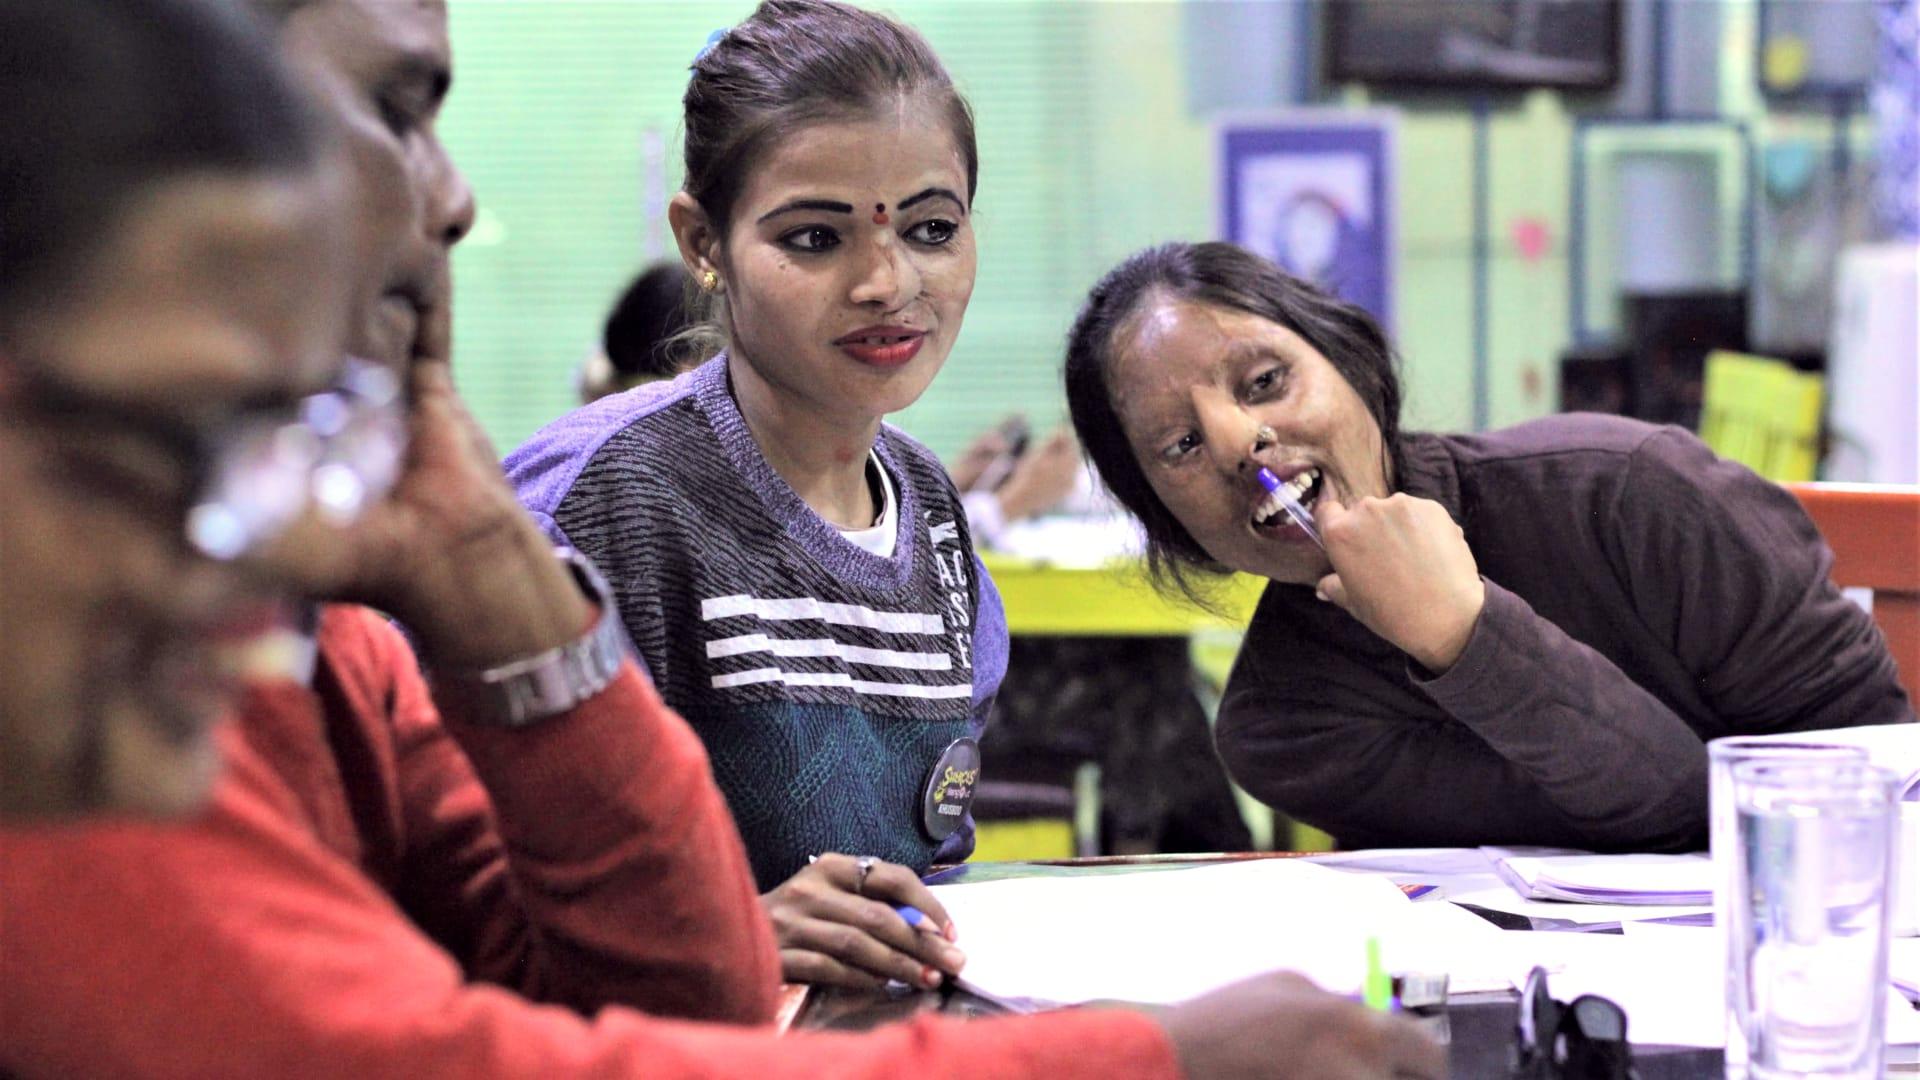 يوفر هذا المقهى بالهند فرصة أخرى للحياة لناجيات هجمات الحمض حتى مع إغلاقه بظل كورونا